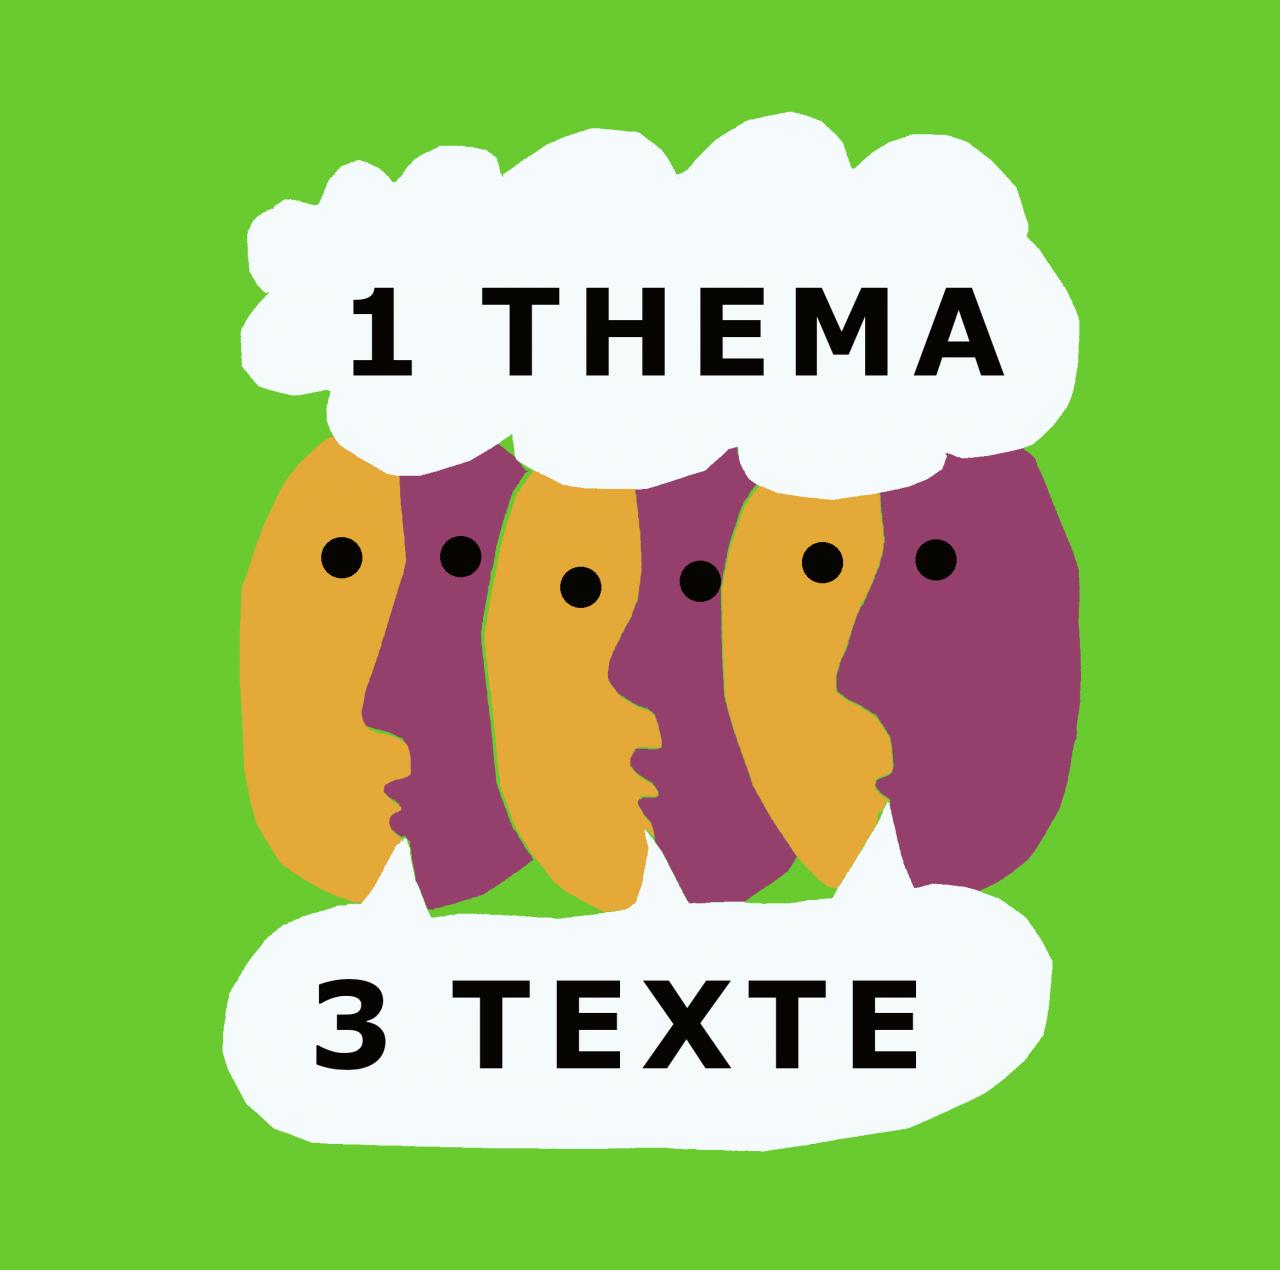 VERSCHOBEN: 1Thema3Texte